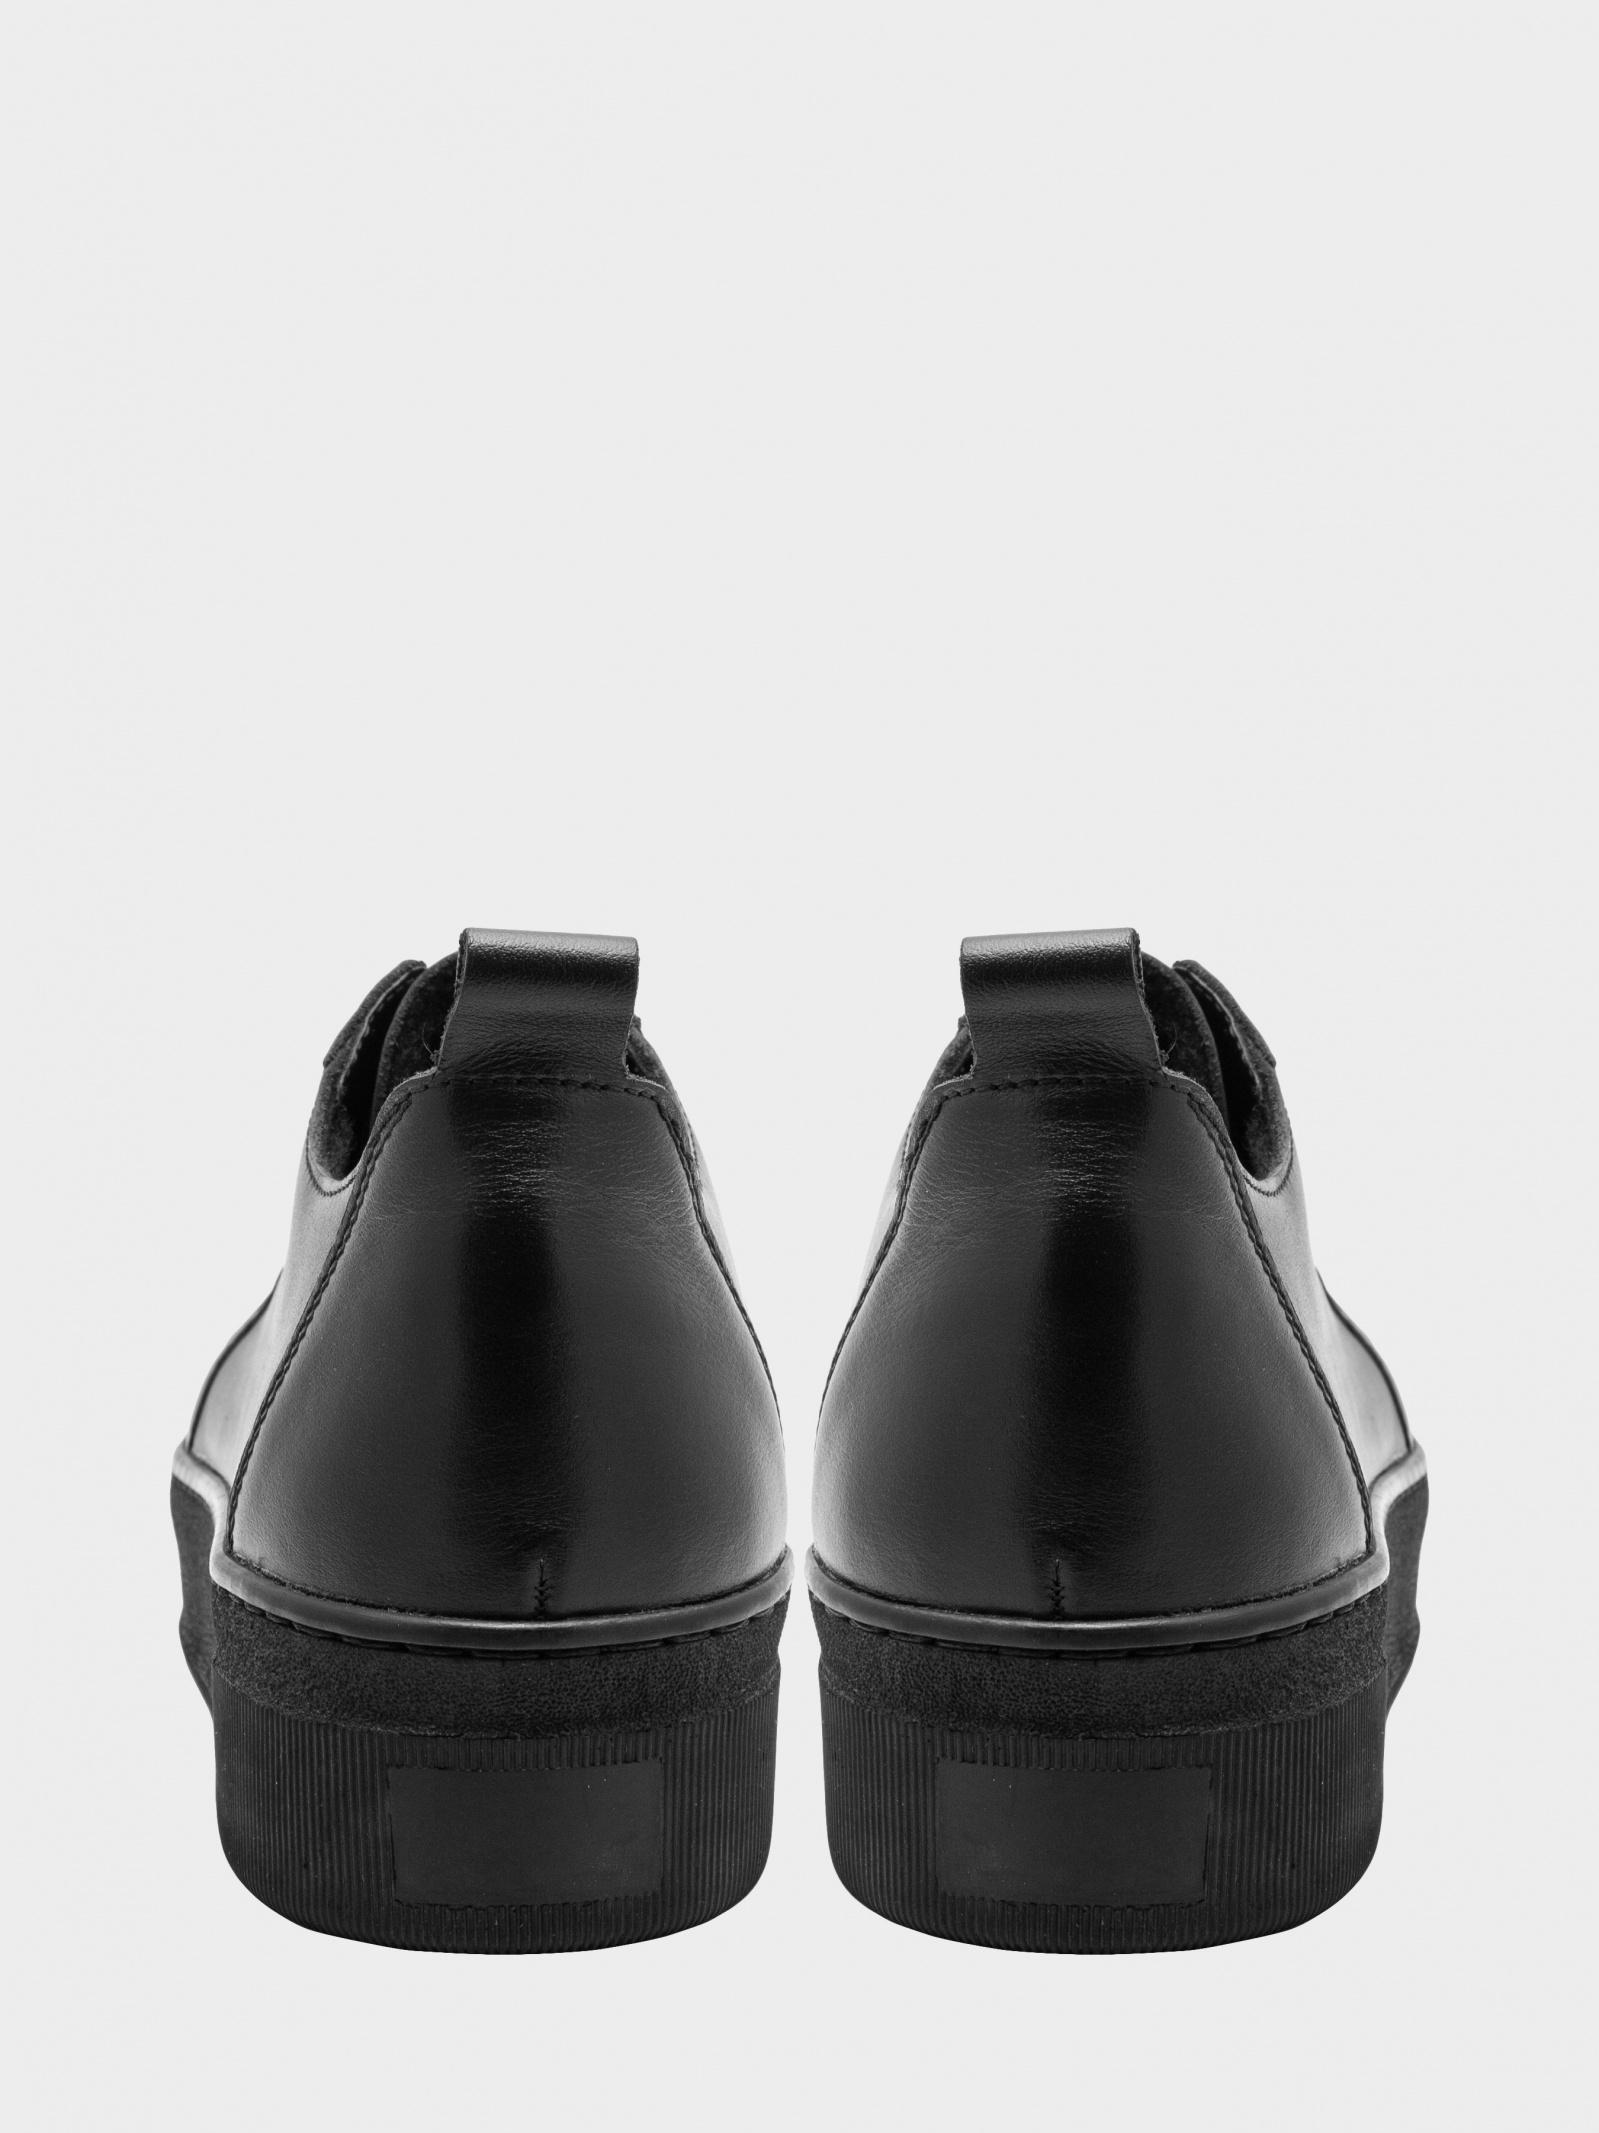 Туфли для женщин Туфли женские ENZO VERRATTI 18-3265-8 смотреть, 2017